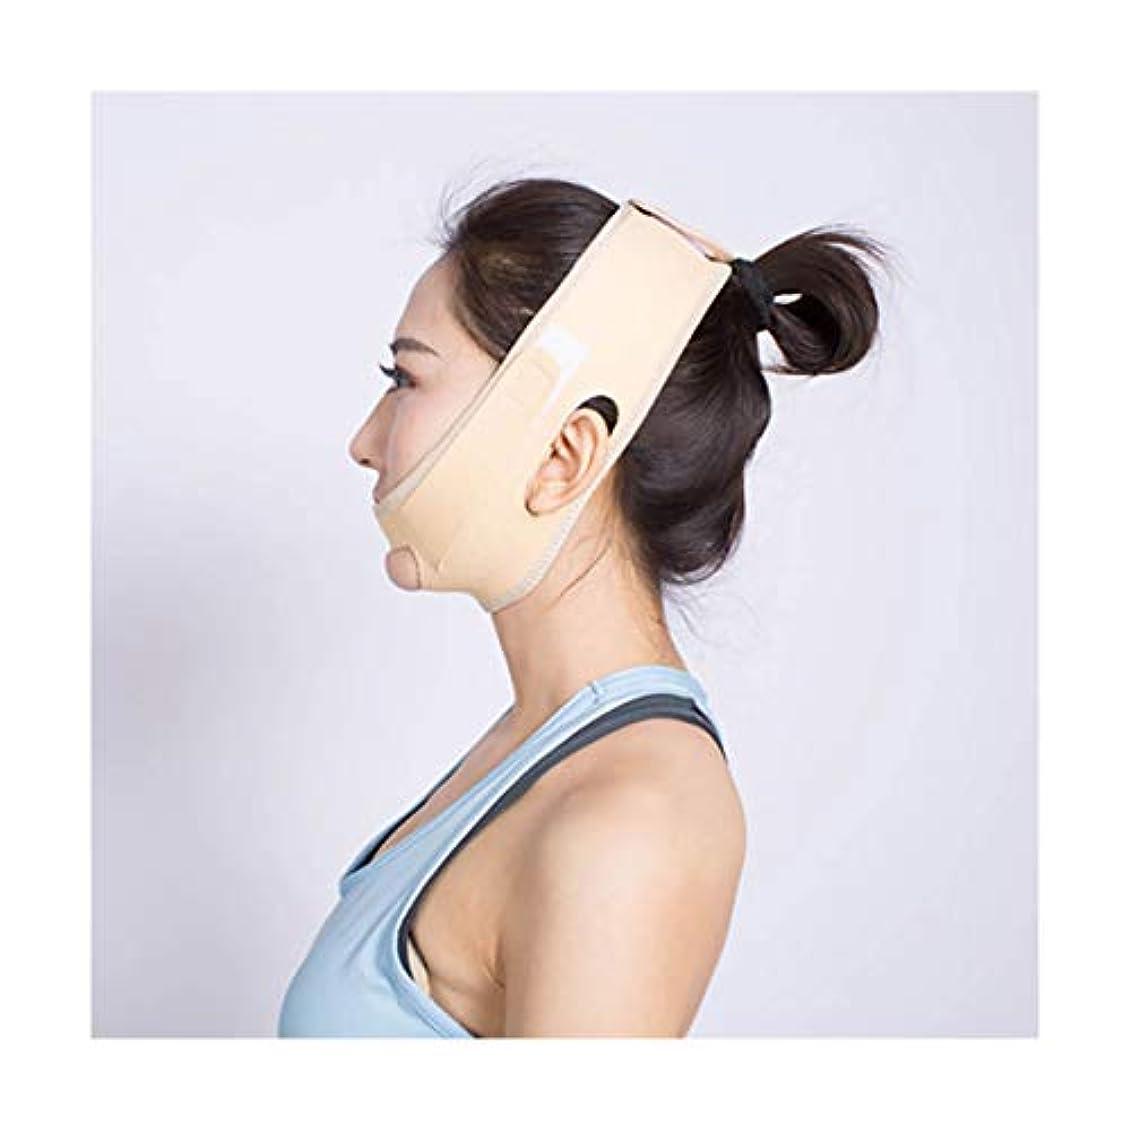 ポジション音声学ビスケットGLJJQMY 薄い顔包帯アーティファクト薄い顔薄い顔薄い顔の美しさの楽器V顔薄い顔の顔のマッサージ 顔用整形マスク (Color : B)